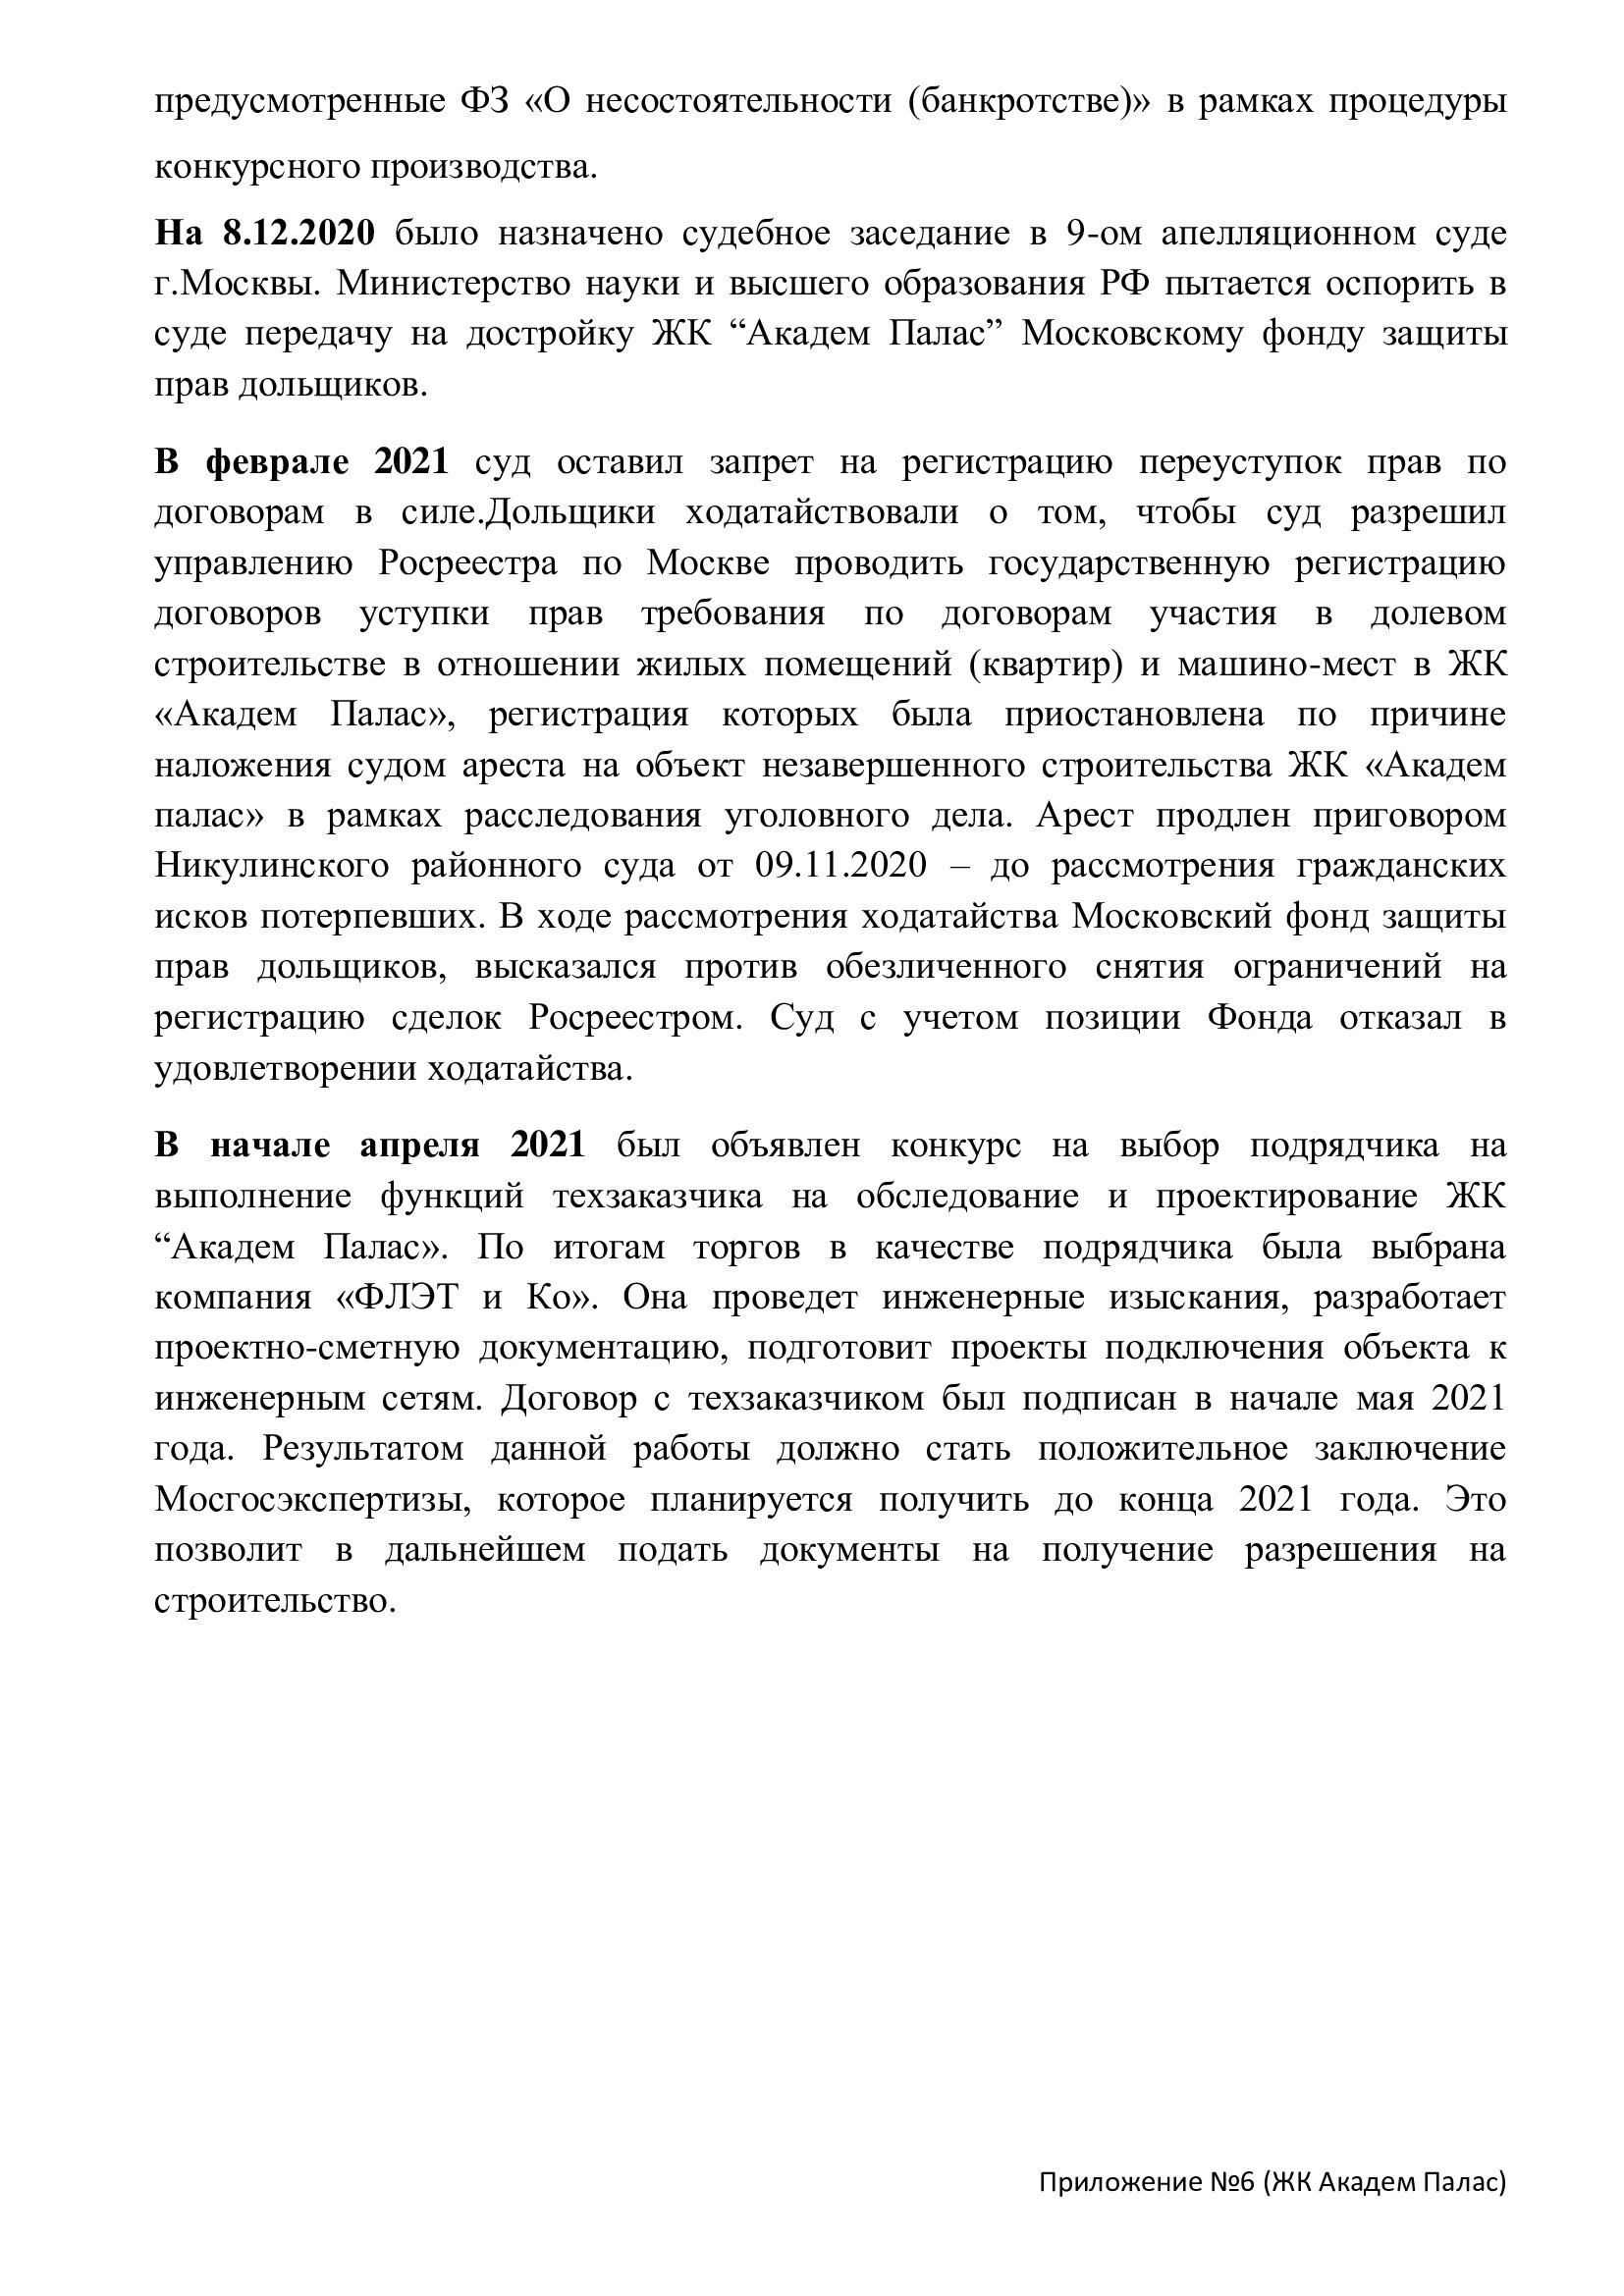 Аналитическая справка ЖК Академ Палас